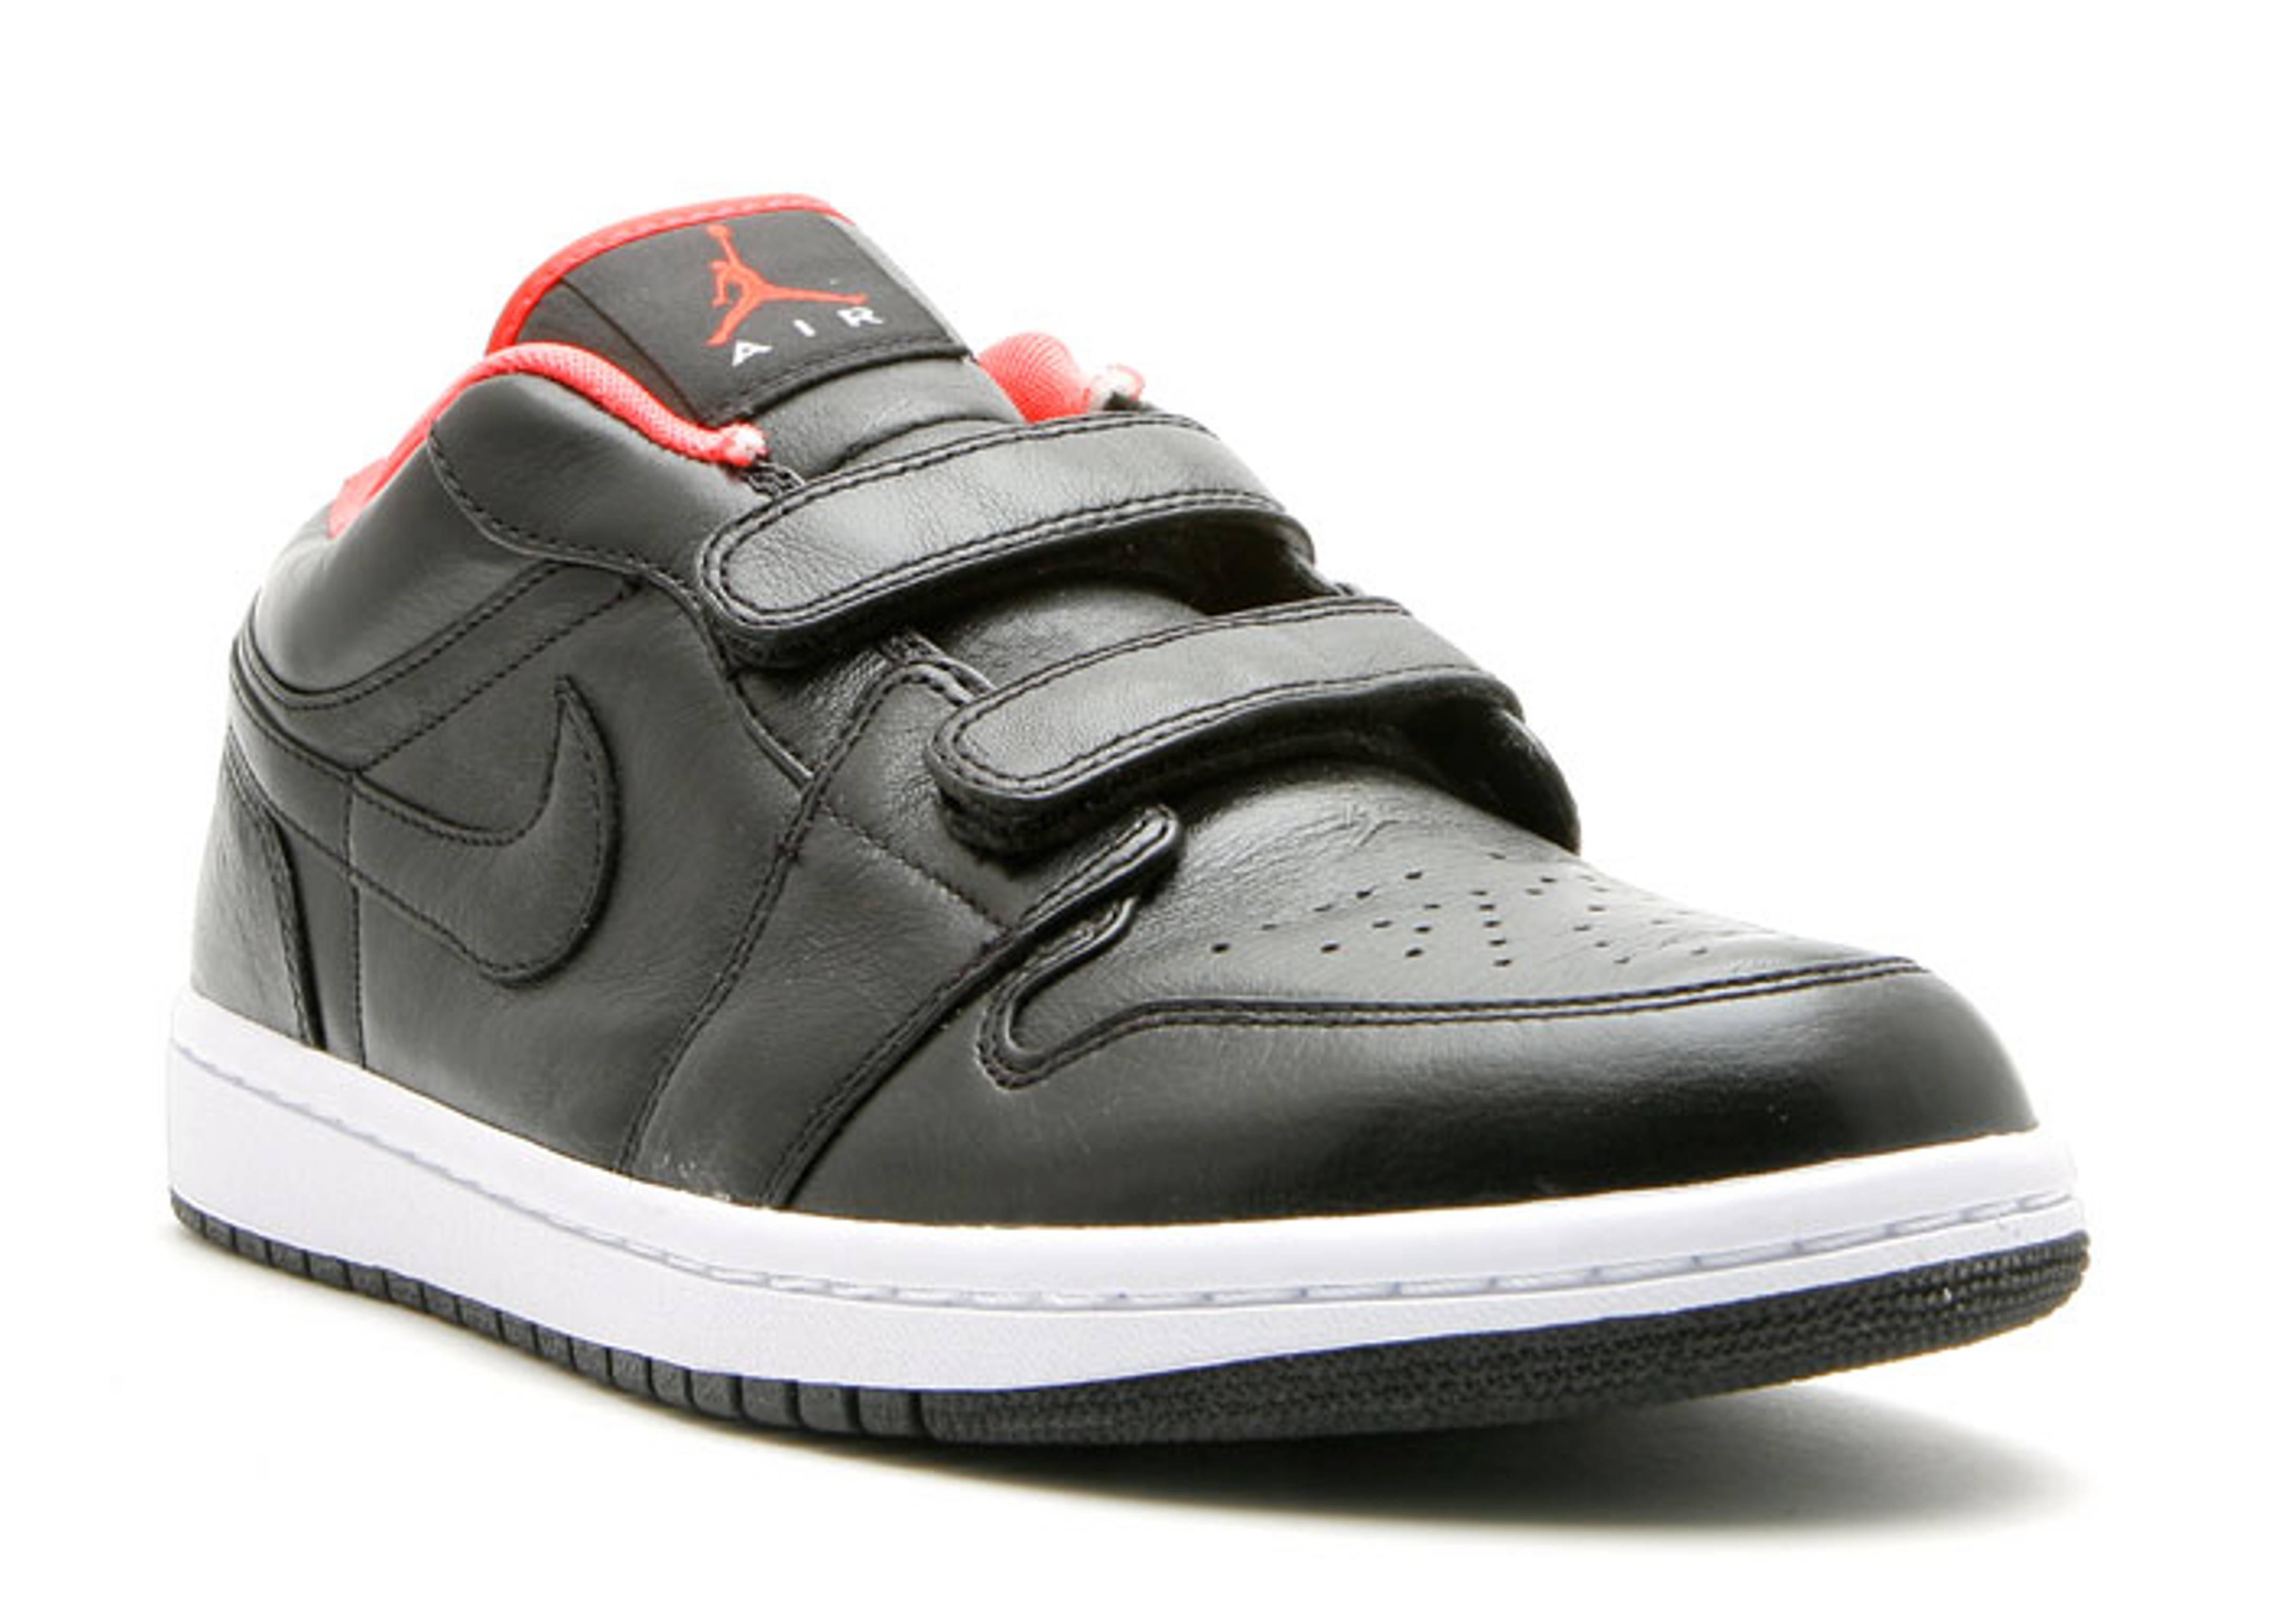 Air Jordan 1 Velcro Premr Low - Air Jordan - 344521 081 - black max orange   df71d56e983c